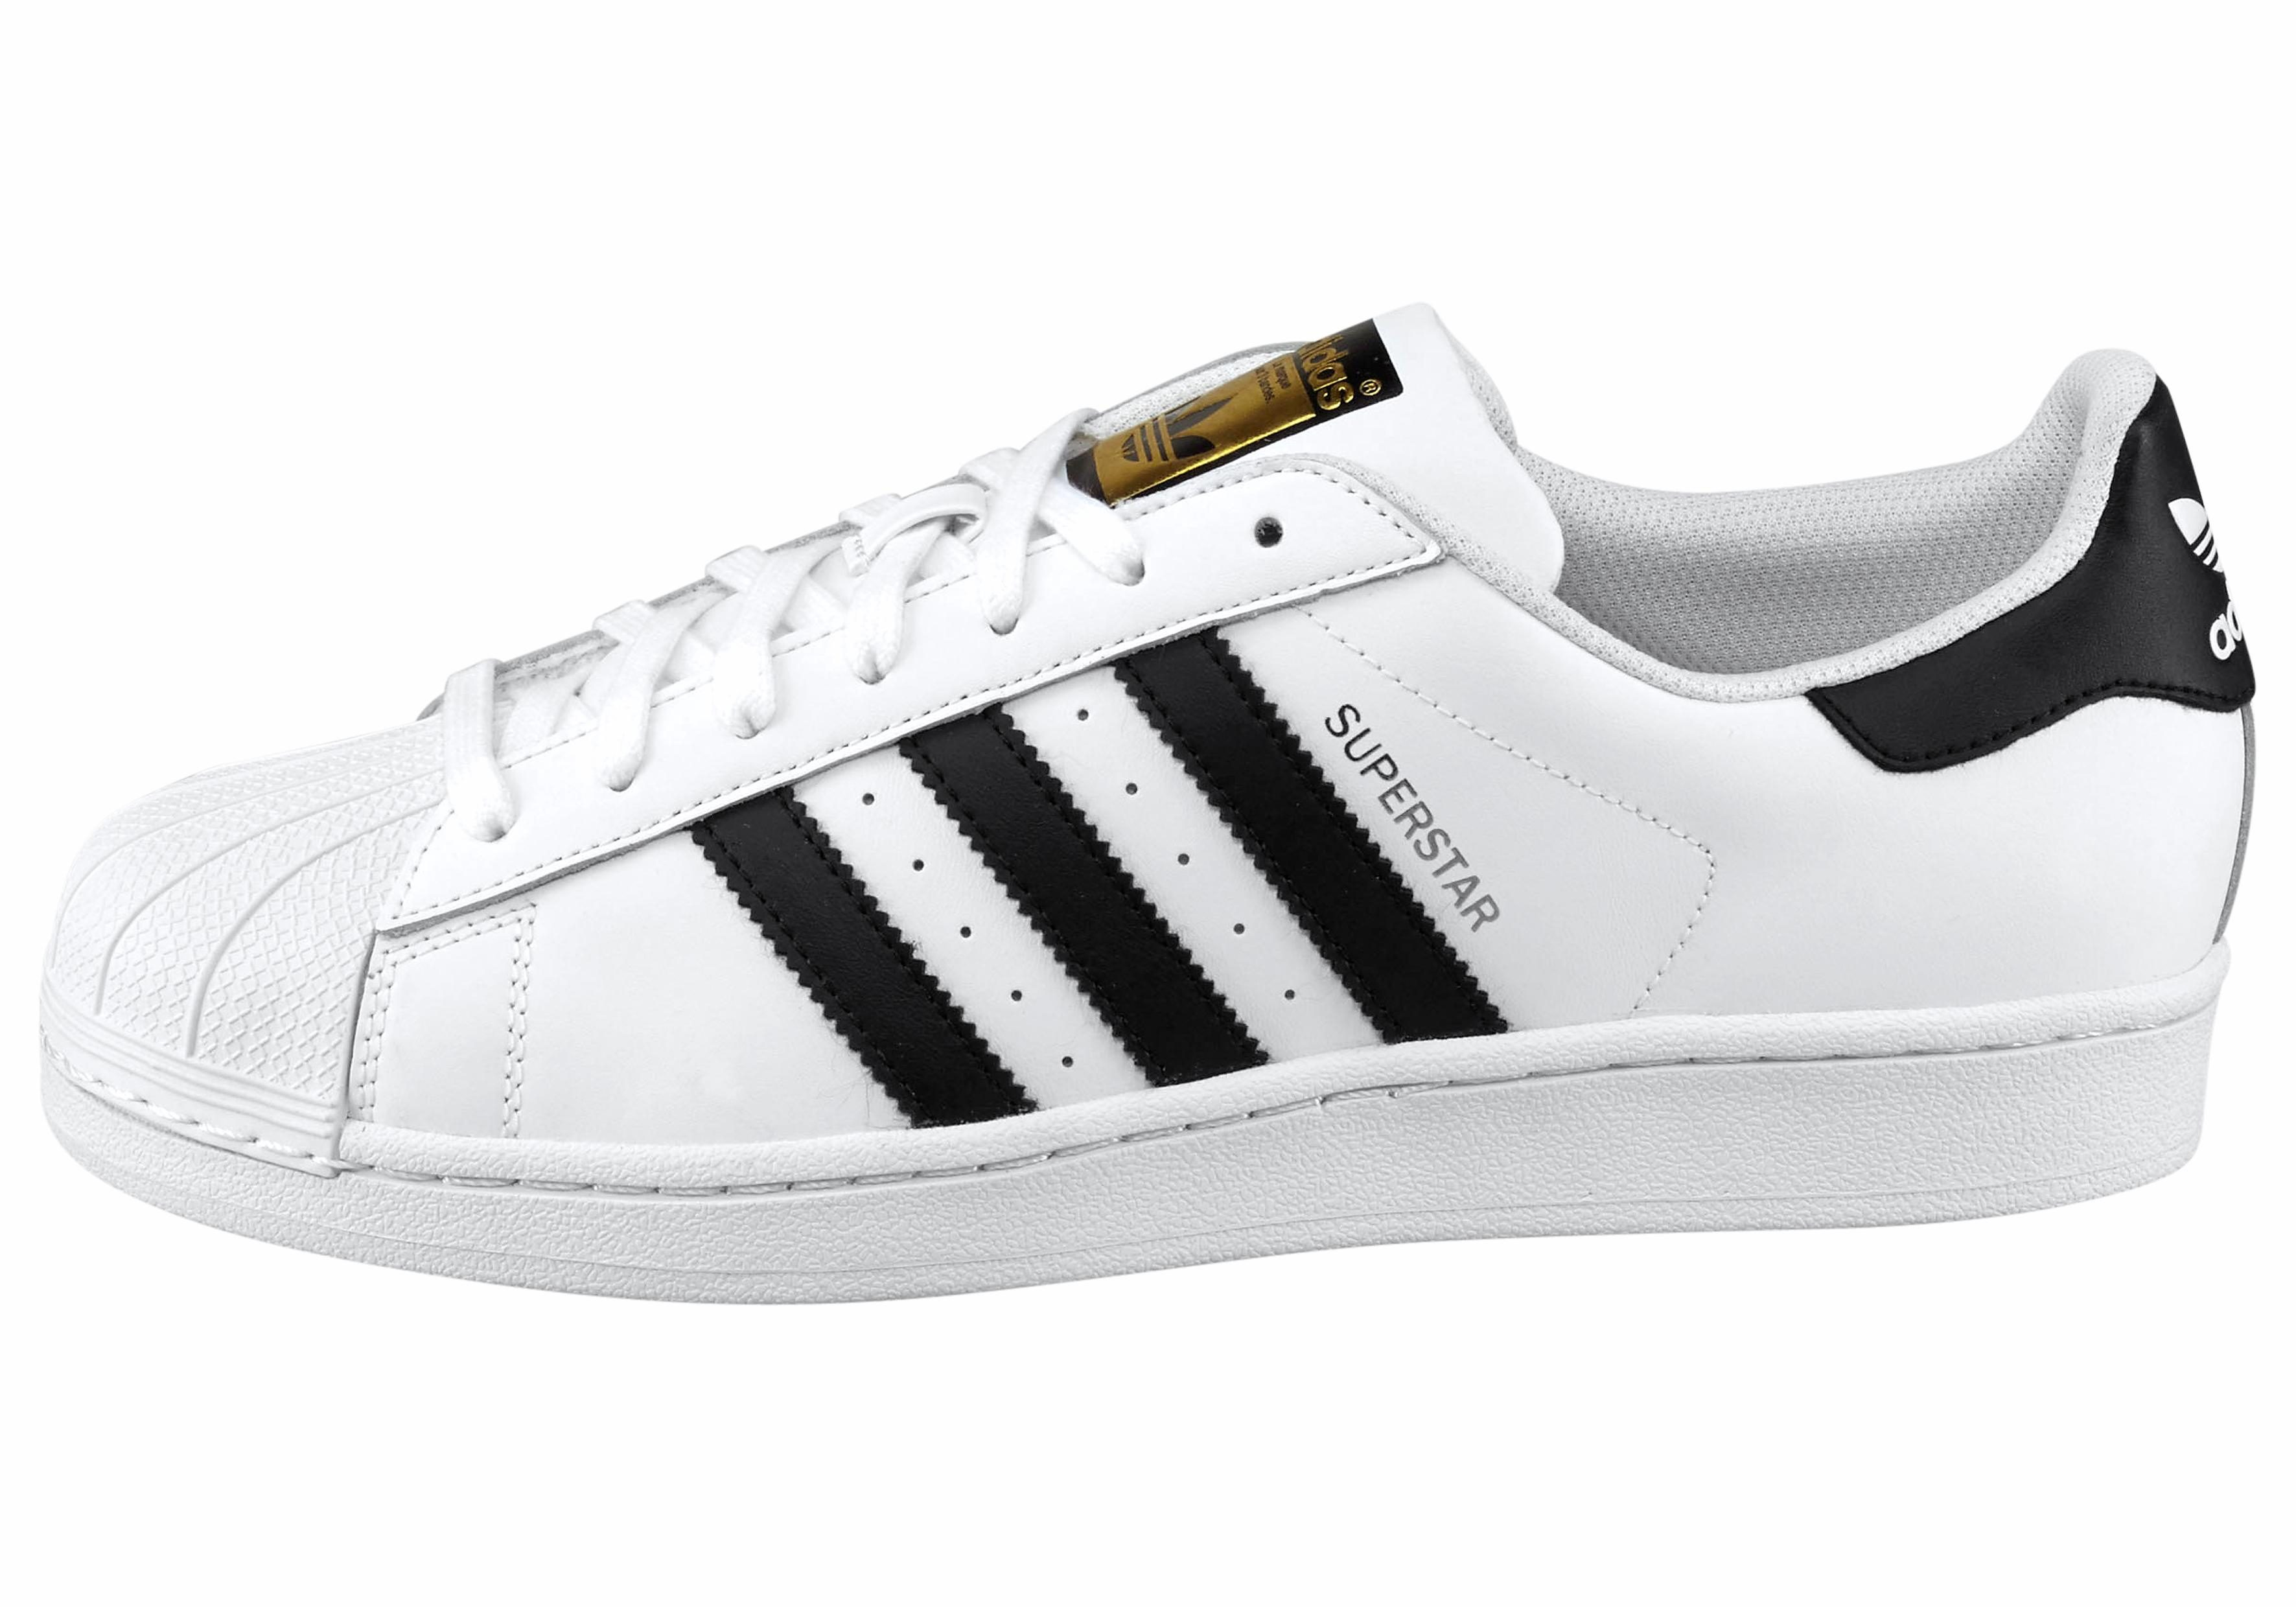 adidas superstar wit zwart 41